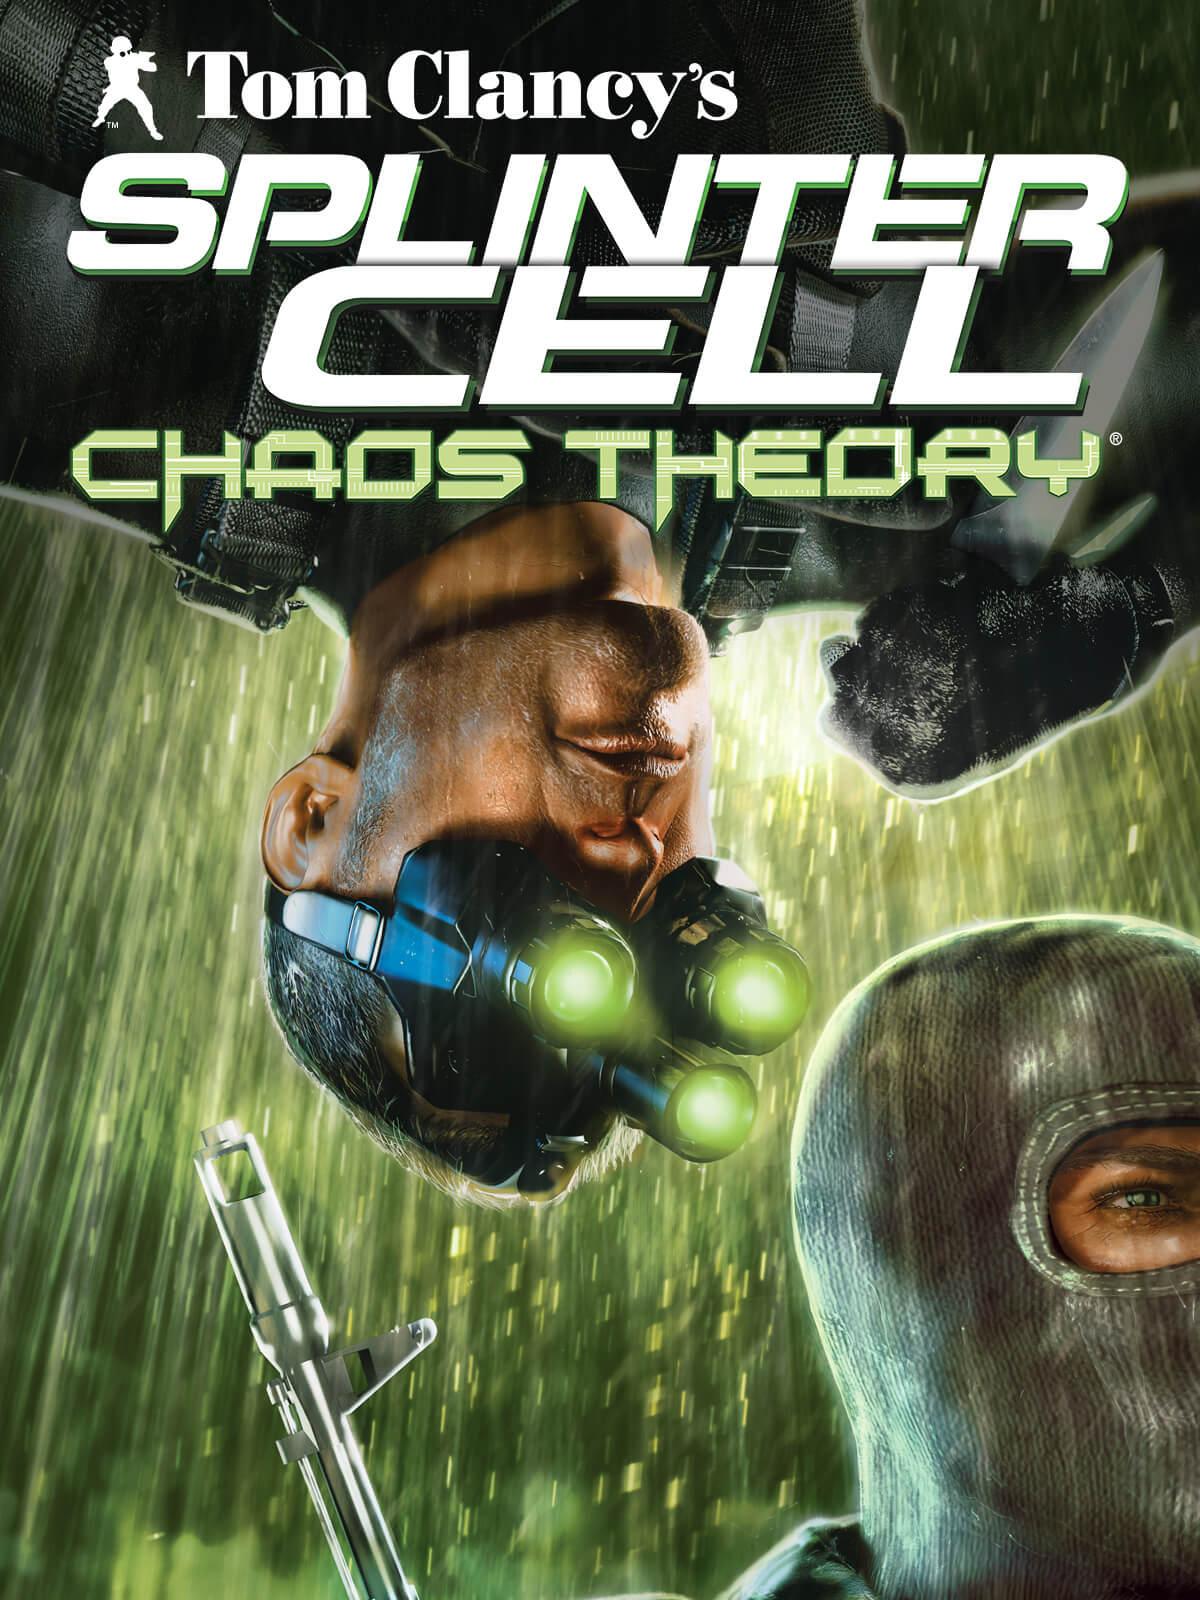 Tom Clancy's Splinter Cell Chaos Theory sur PC (Dématérialisé)